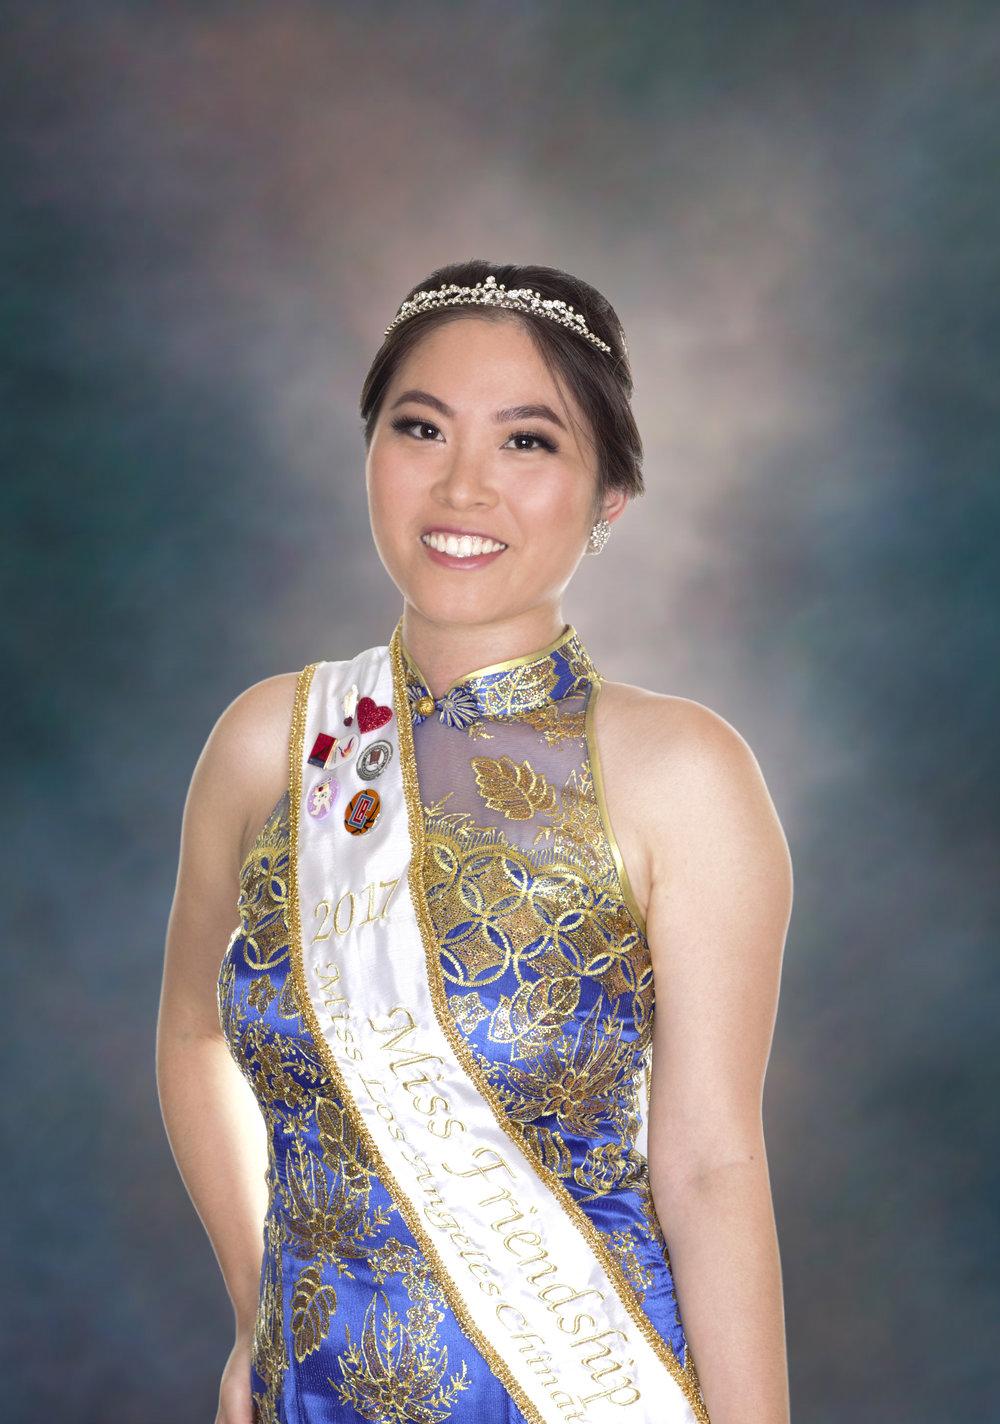 Miss Friendship: Ana Chen